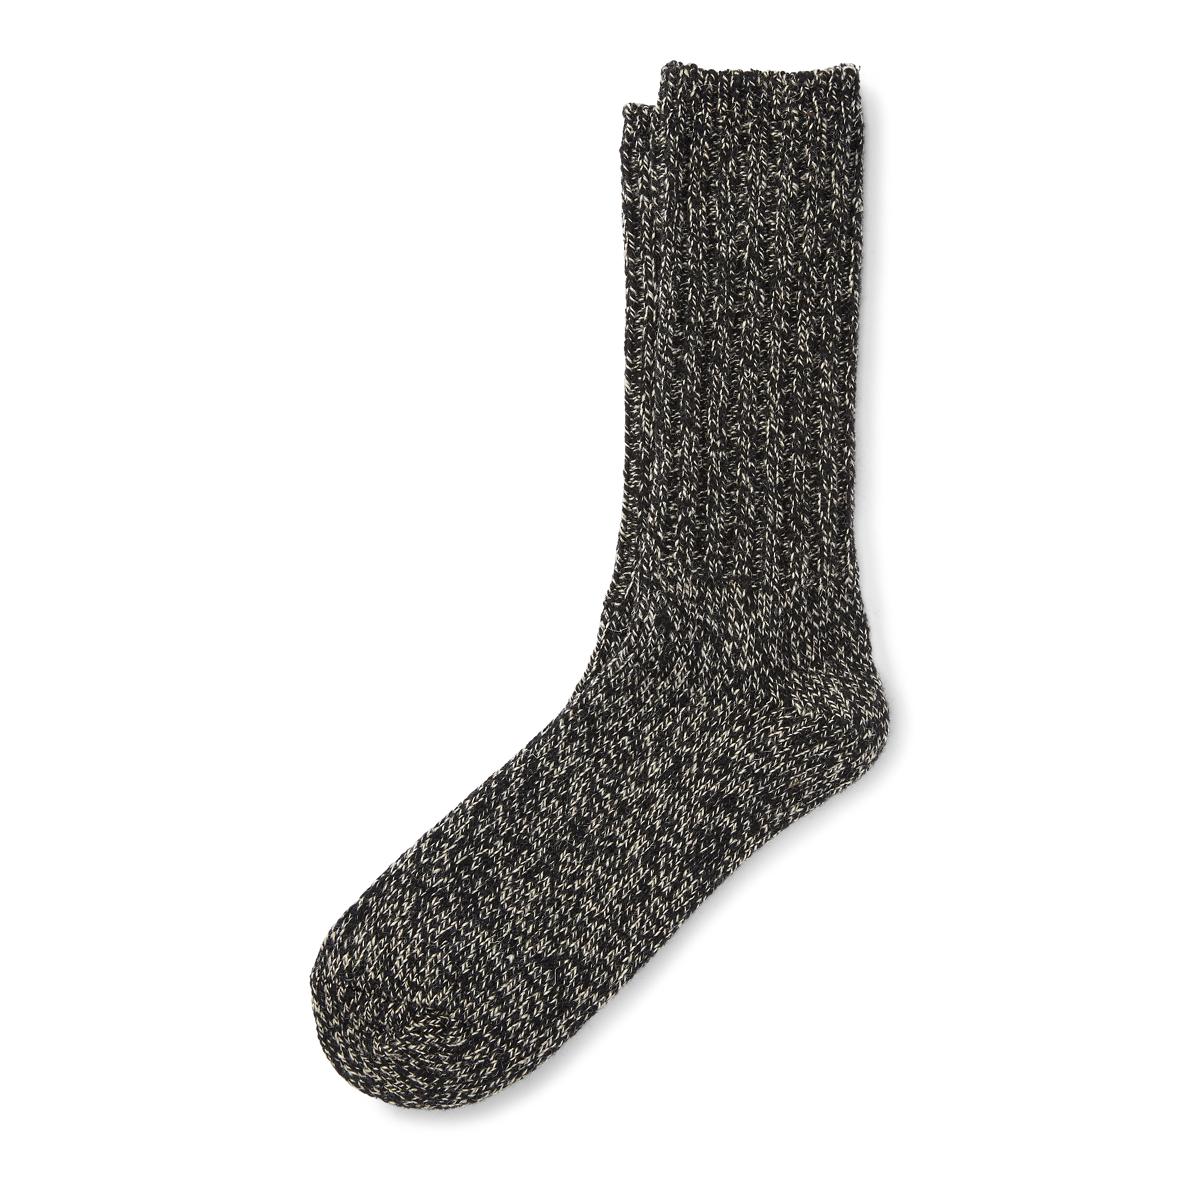 Wool-Blend Hiking Socks